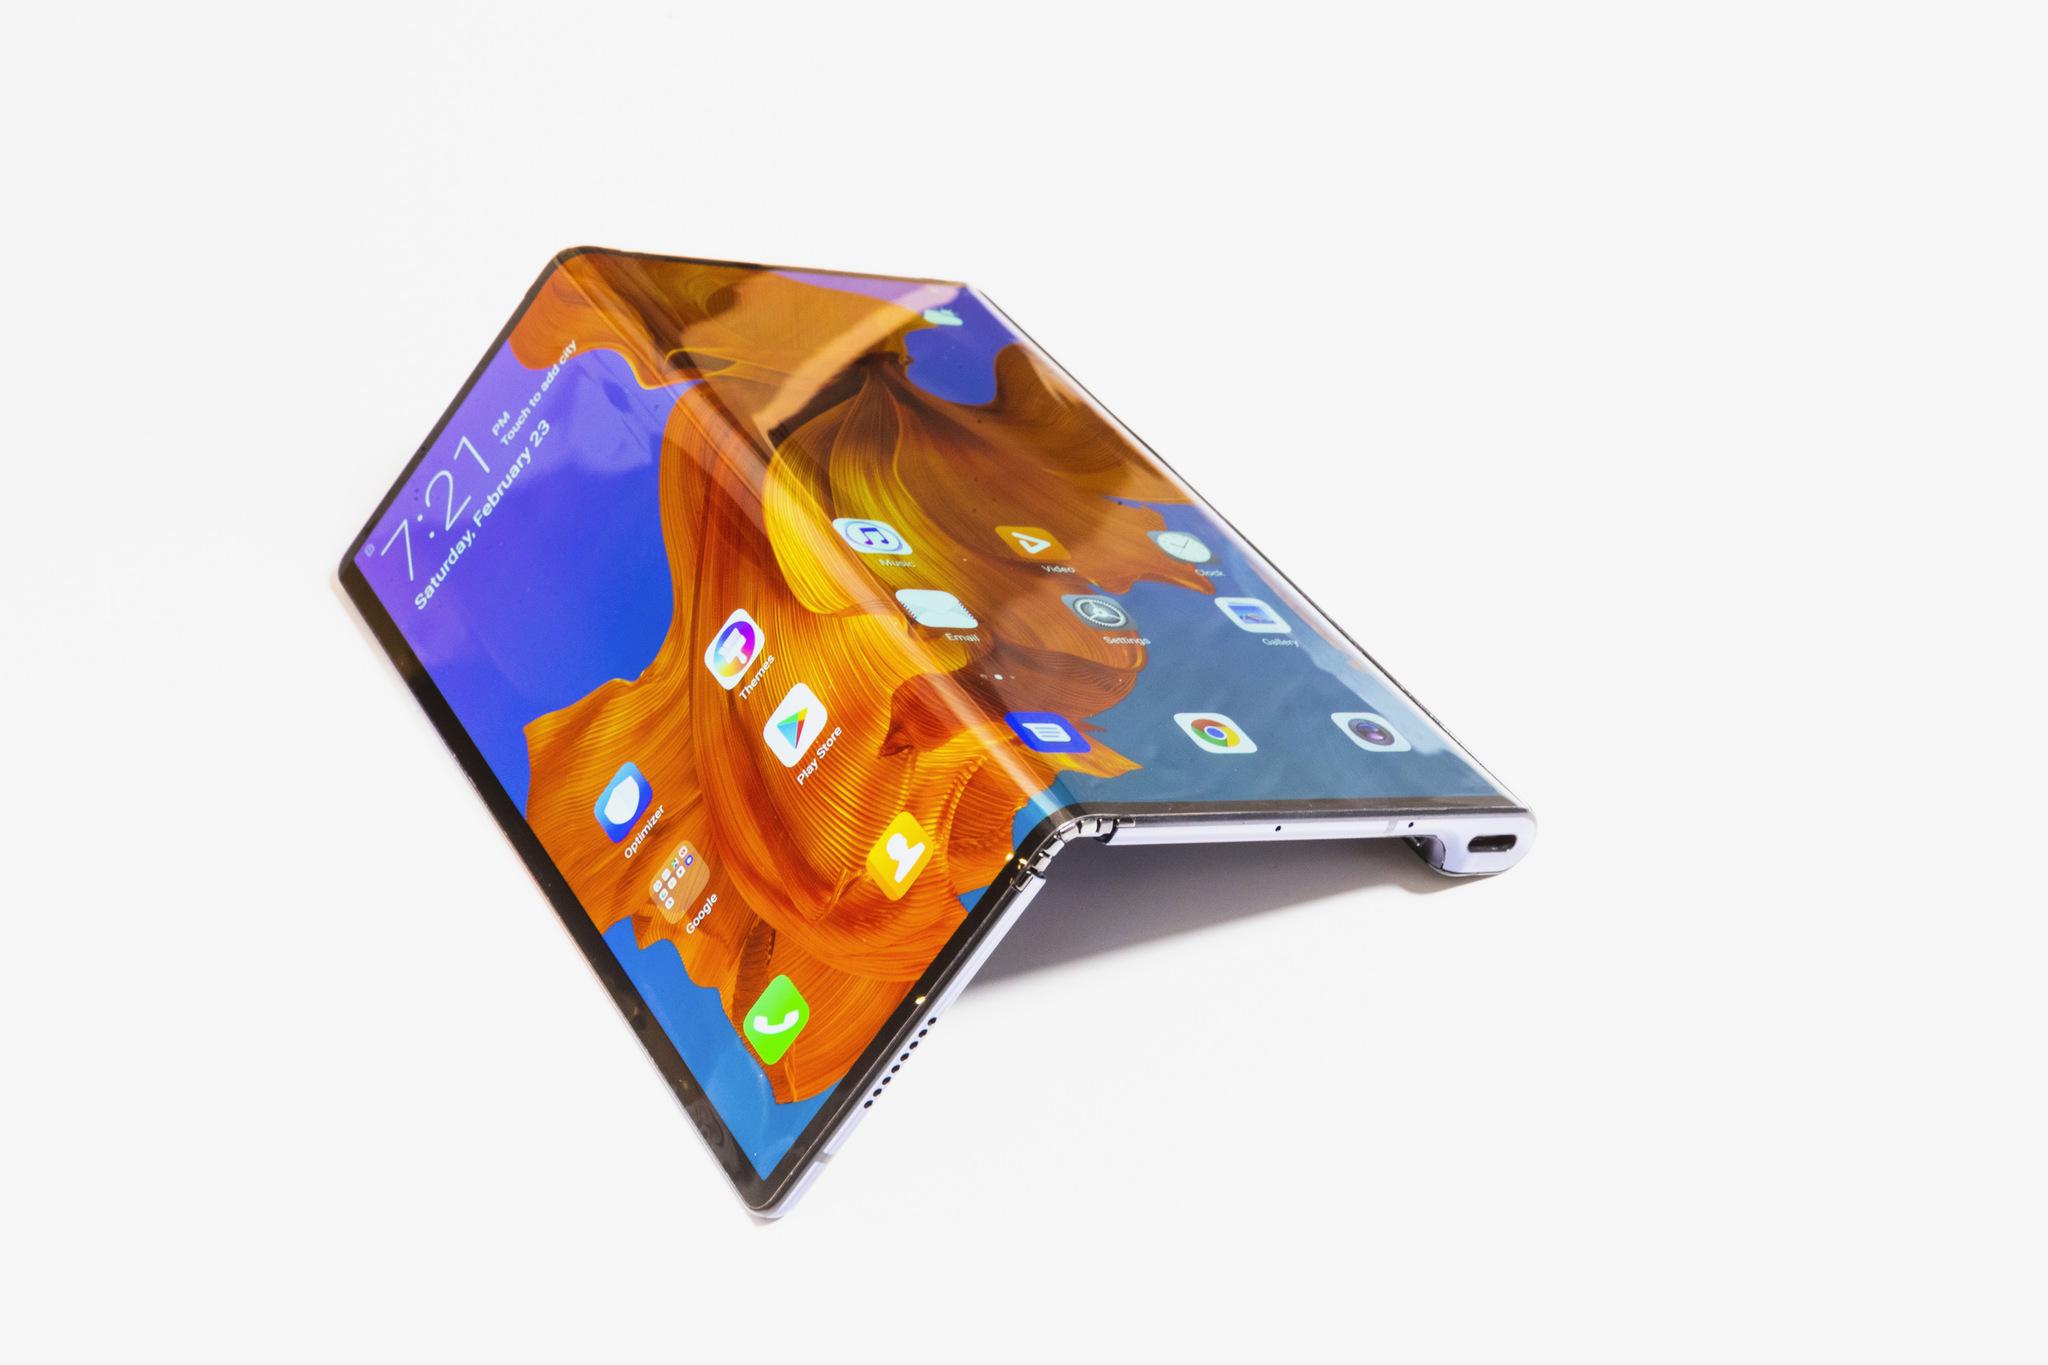 Huawei pieghevole: Mate X ufficiale. Ecco tutto quello che dovete sapere thumbnail